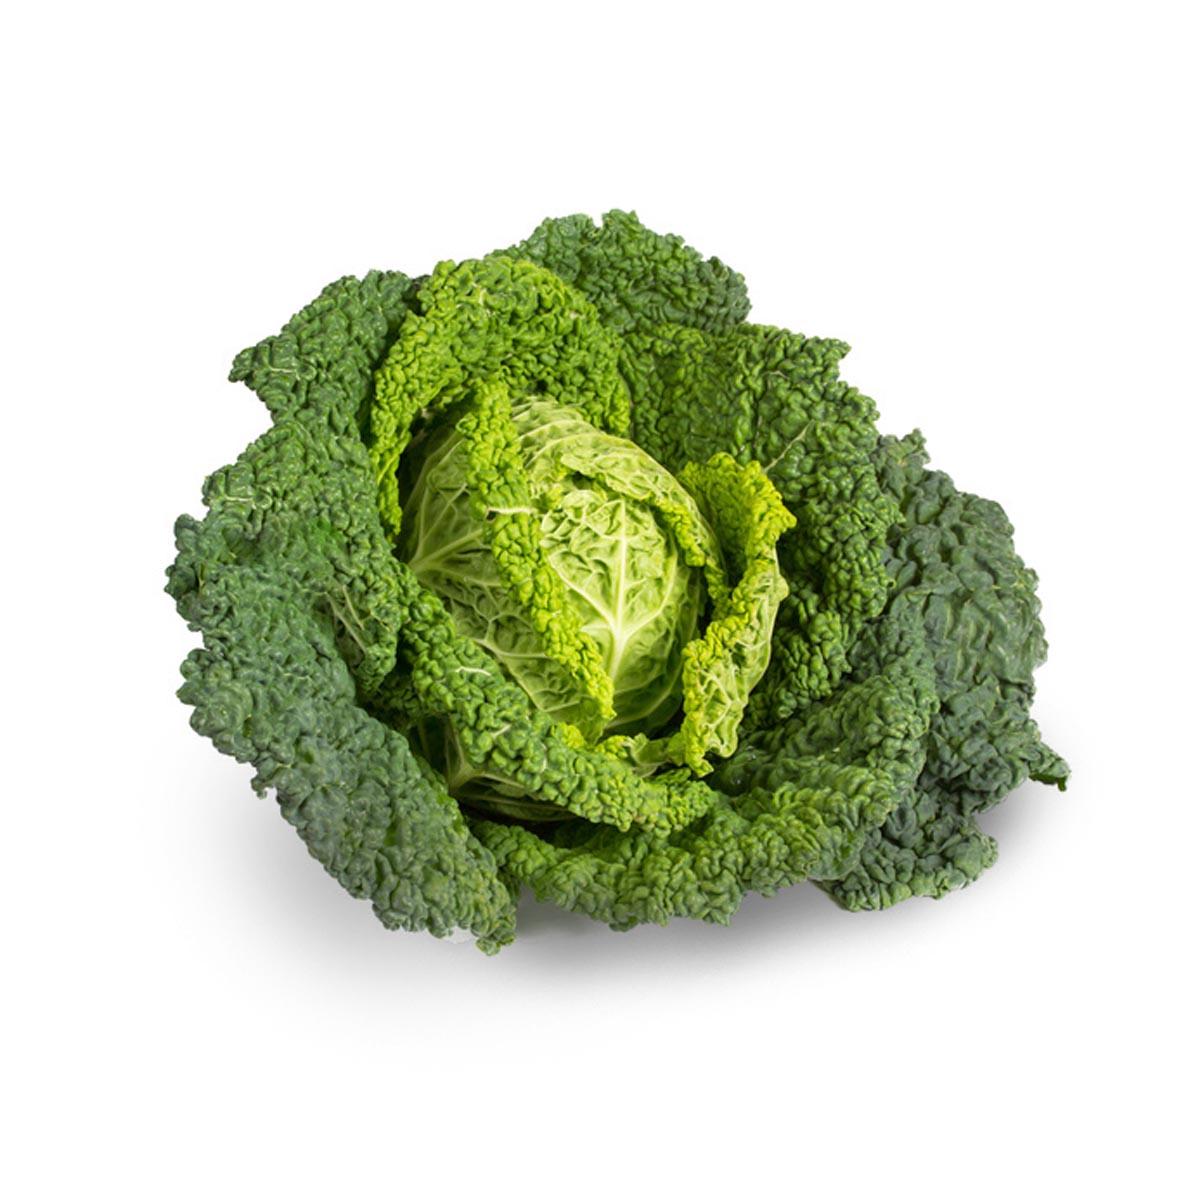 Fokus auf heimisches Obst und Gemüse